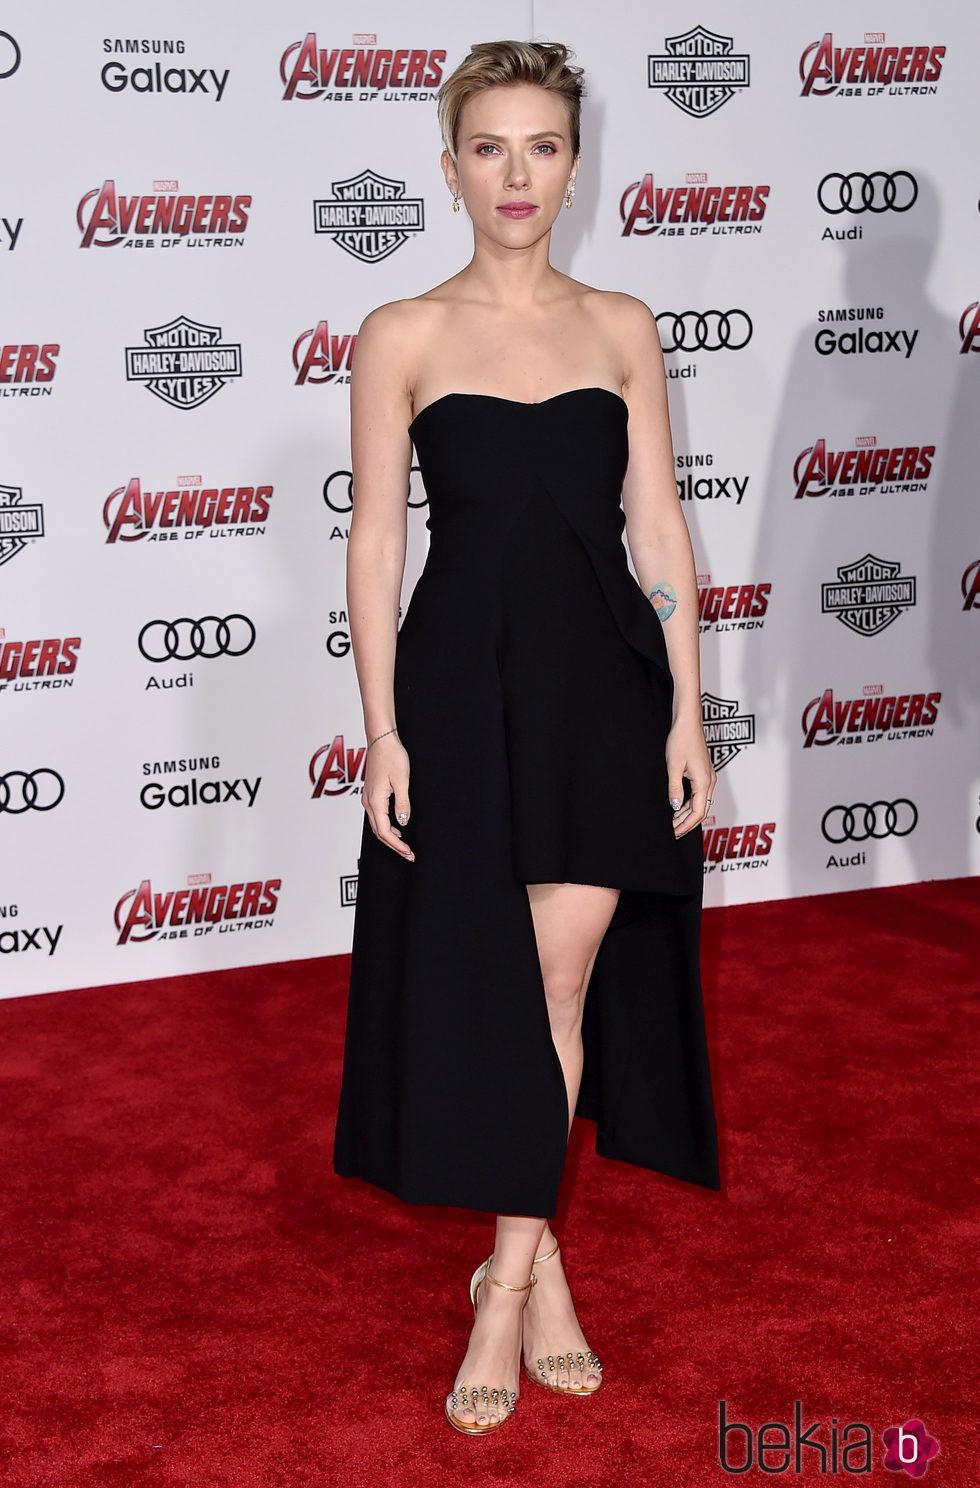 Scarlett Johansson en el estreno de 'Los vengadores: la era de Ultron' en Los Angeles